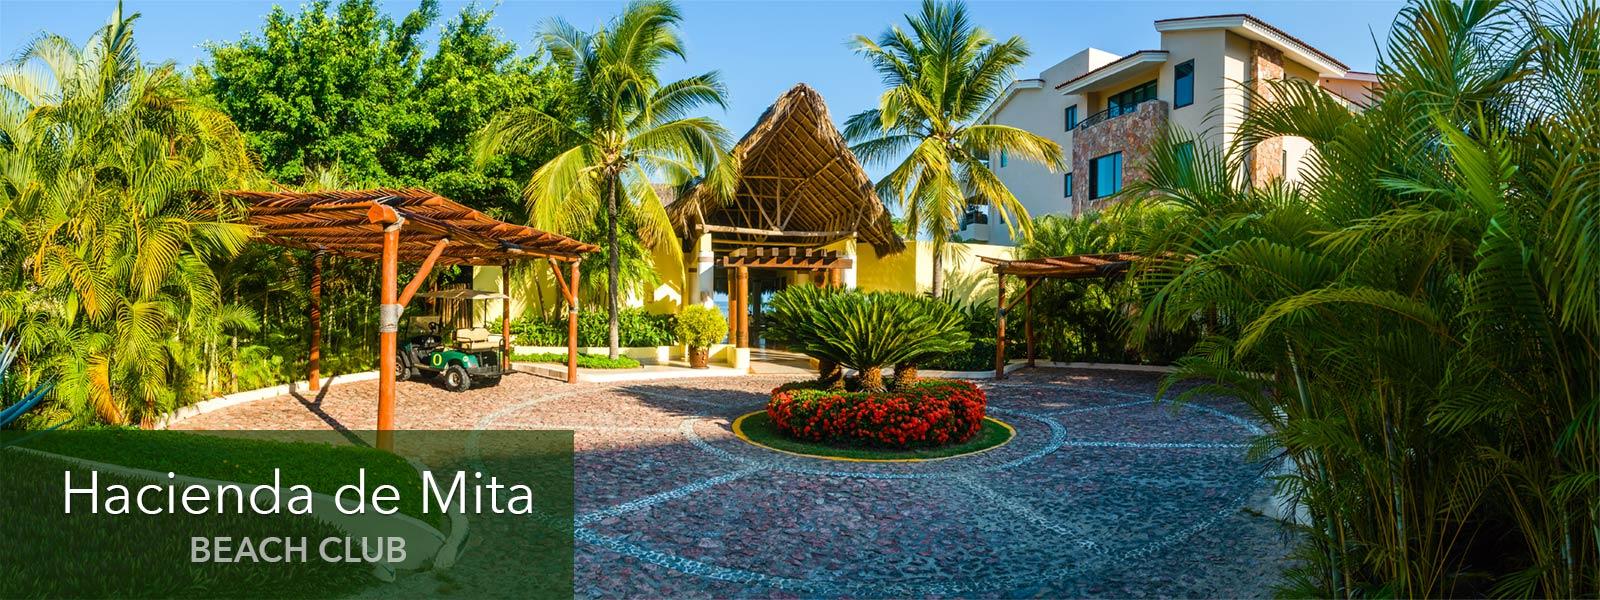 Hacienda De Mita 503 Luxury Punta Mita Condo Rentals